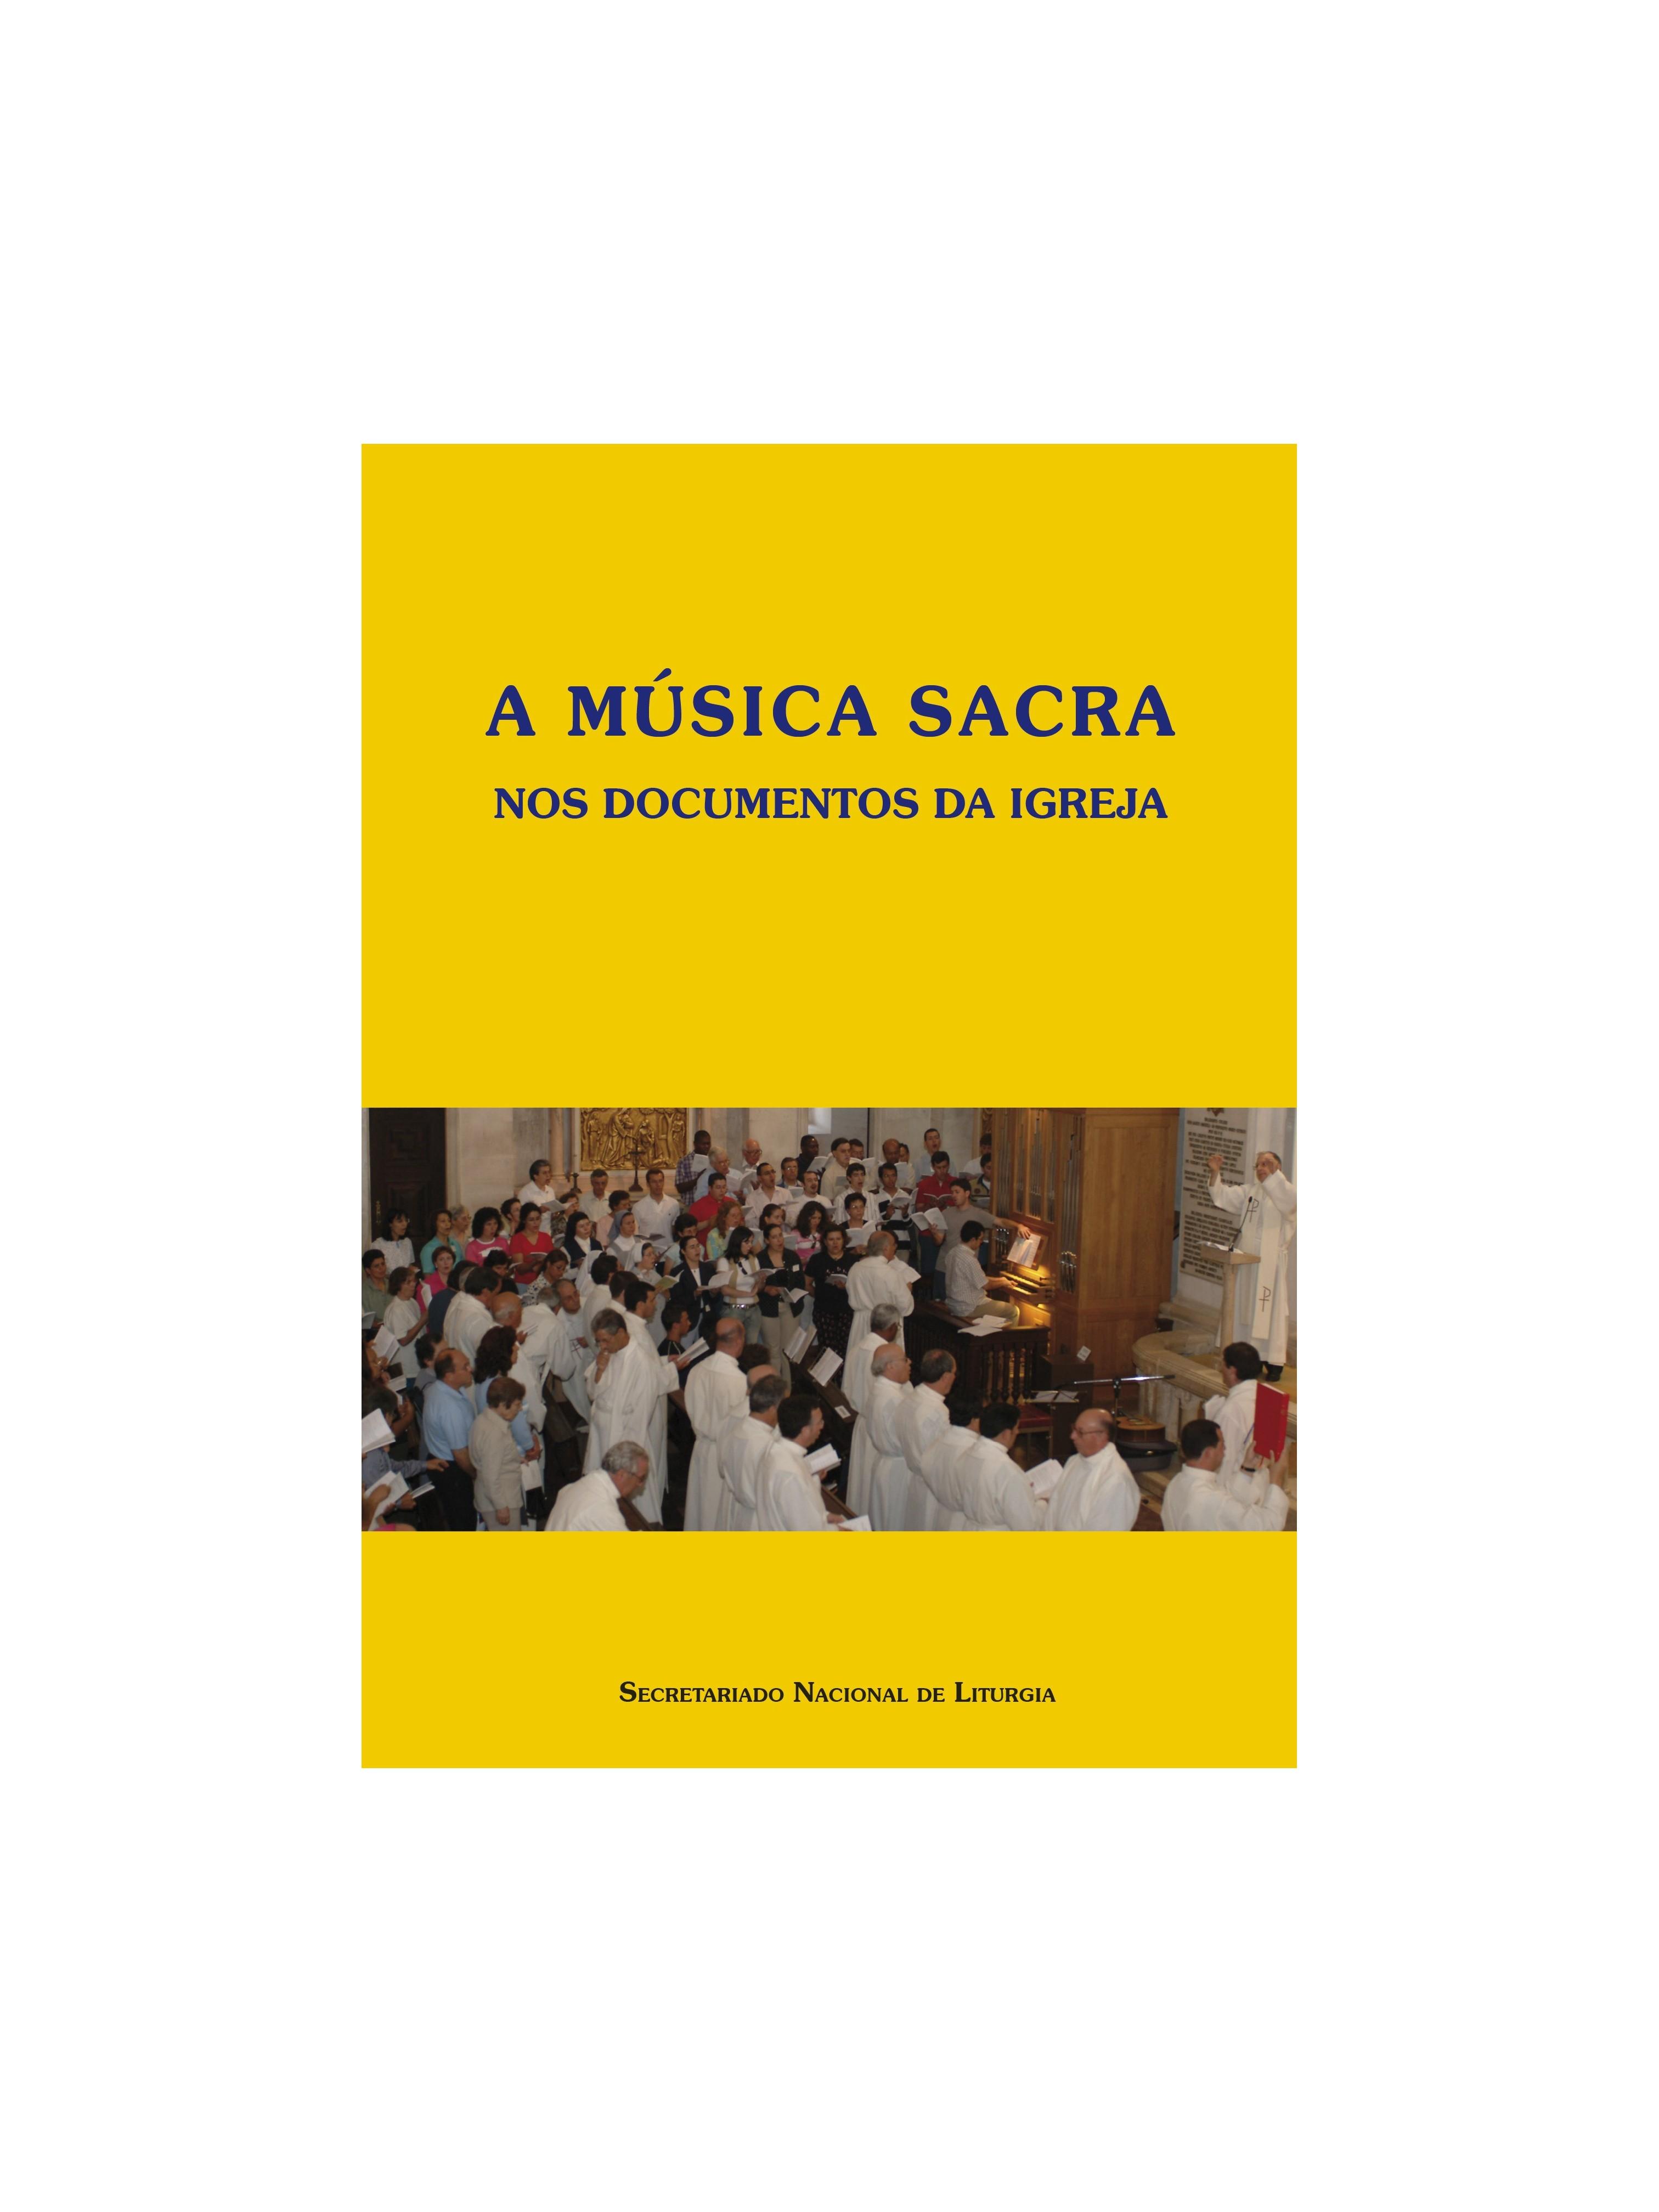 A música sacra nos documentos da Igreja